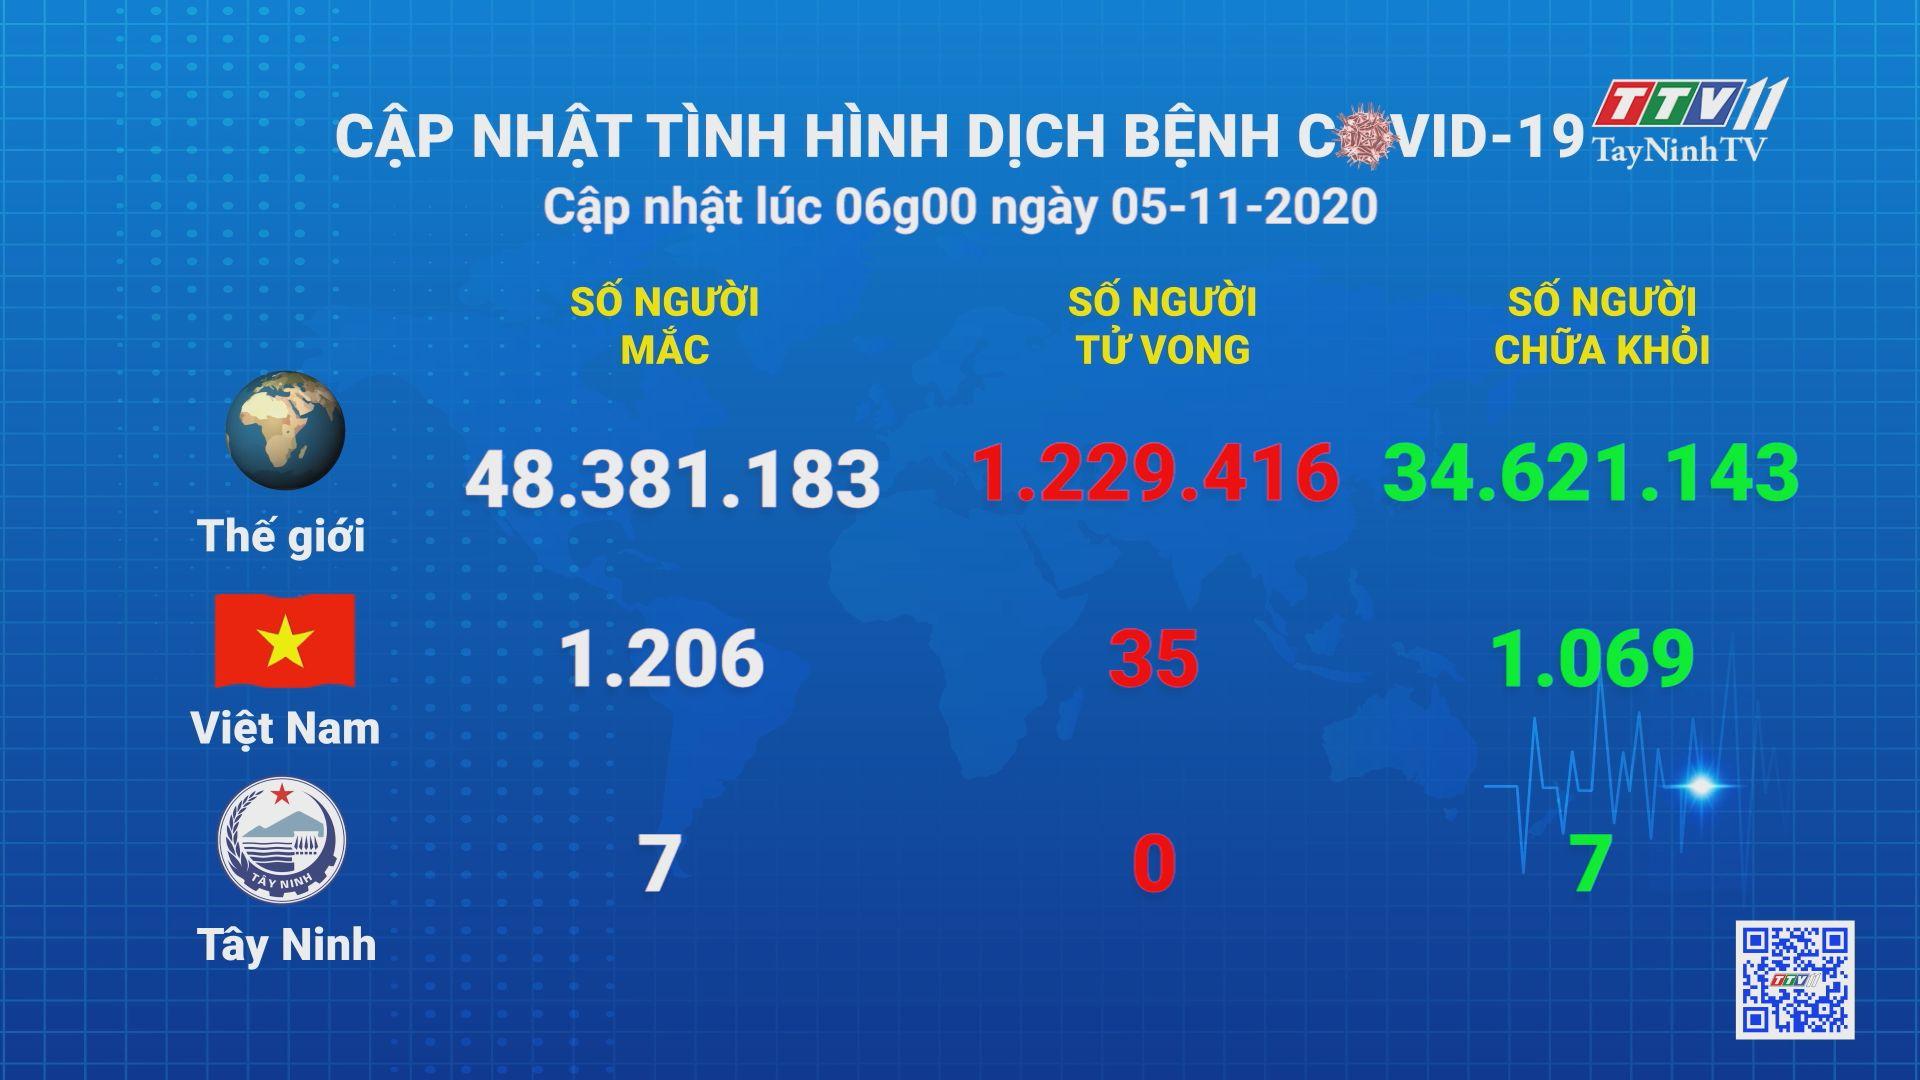 Cập nhật tình hình Covid-19 vào lúc 06 giờ 05-11-2020 | Thông tin dịch Covid-19 | TayNinhTV